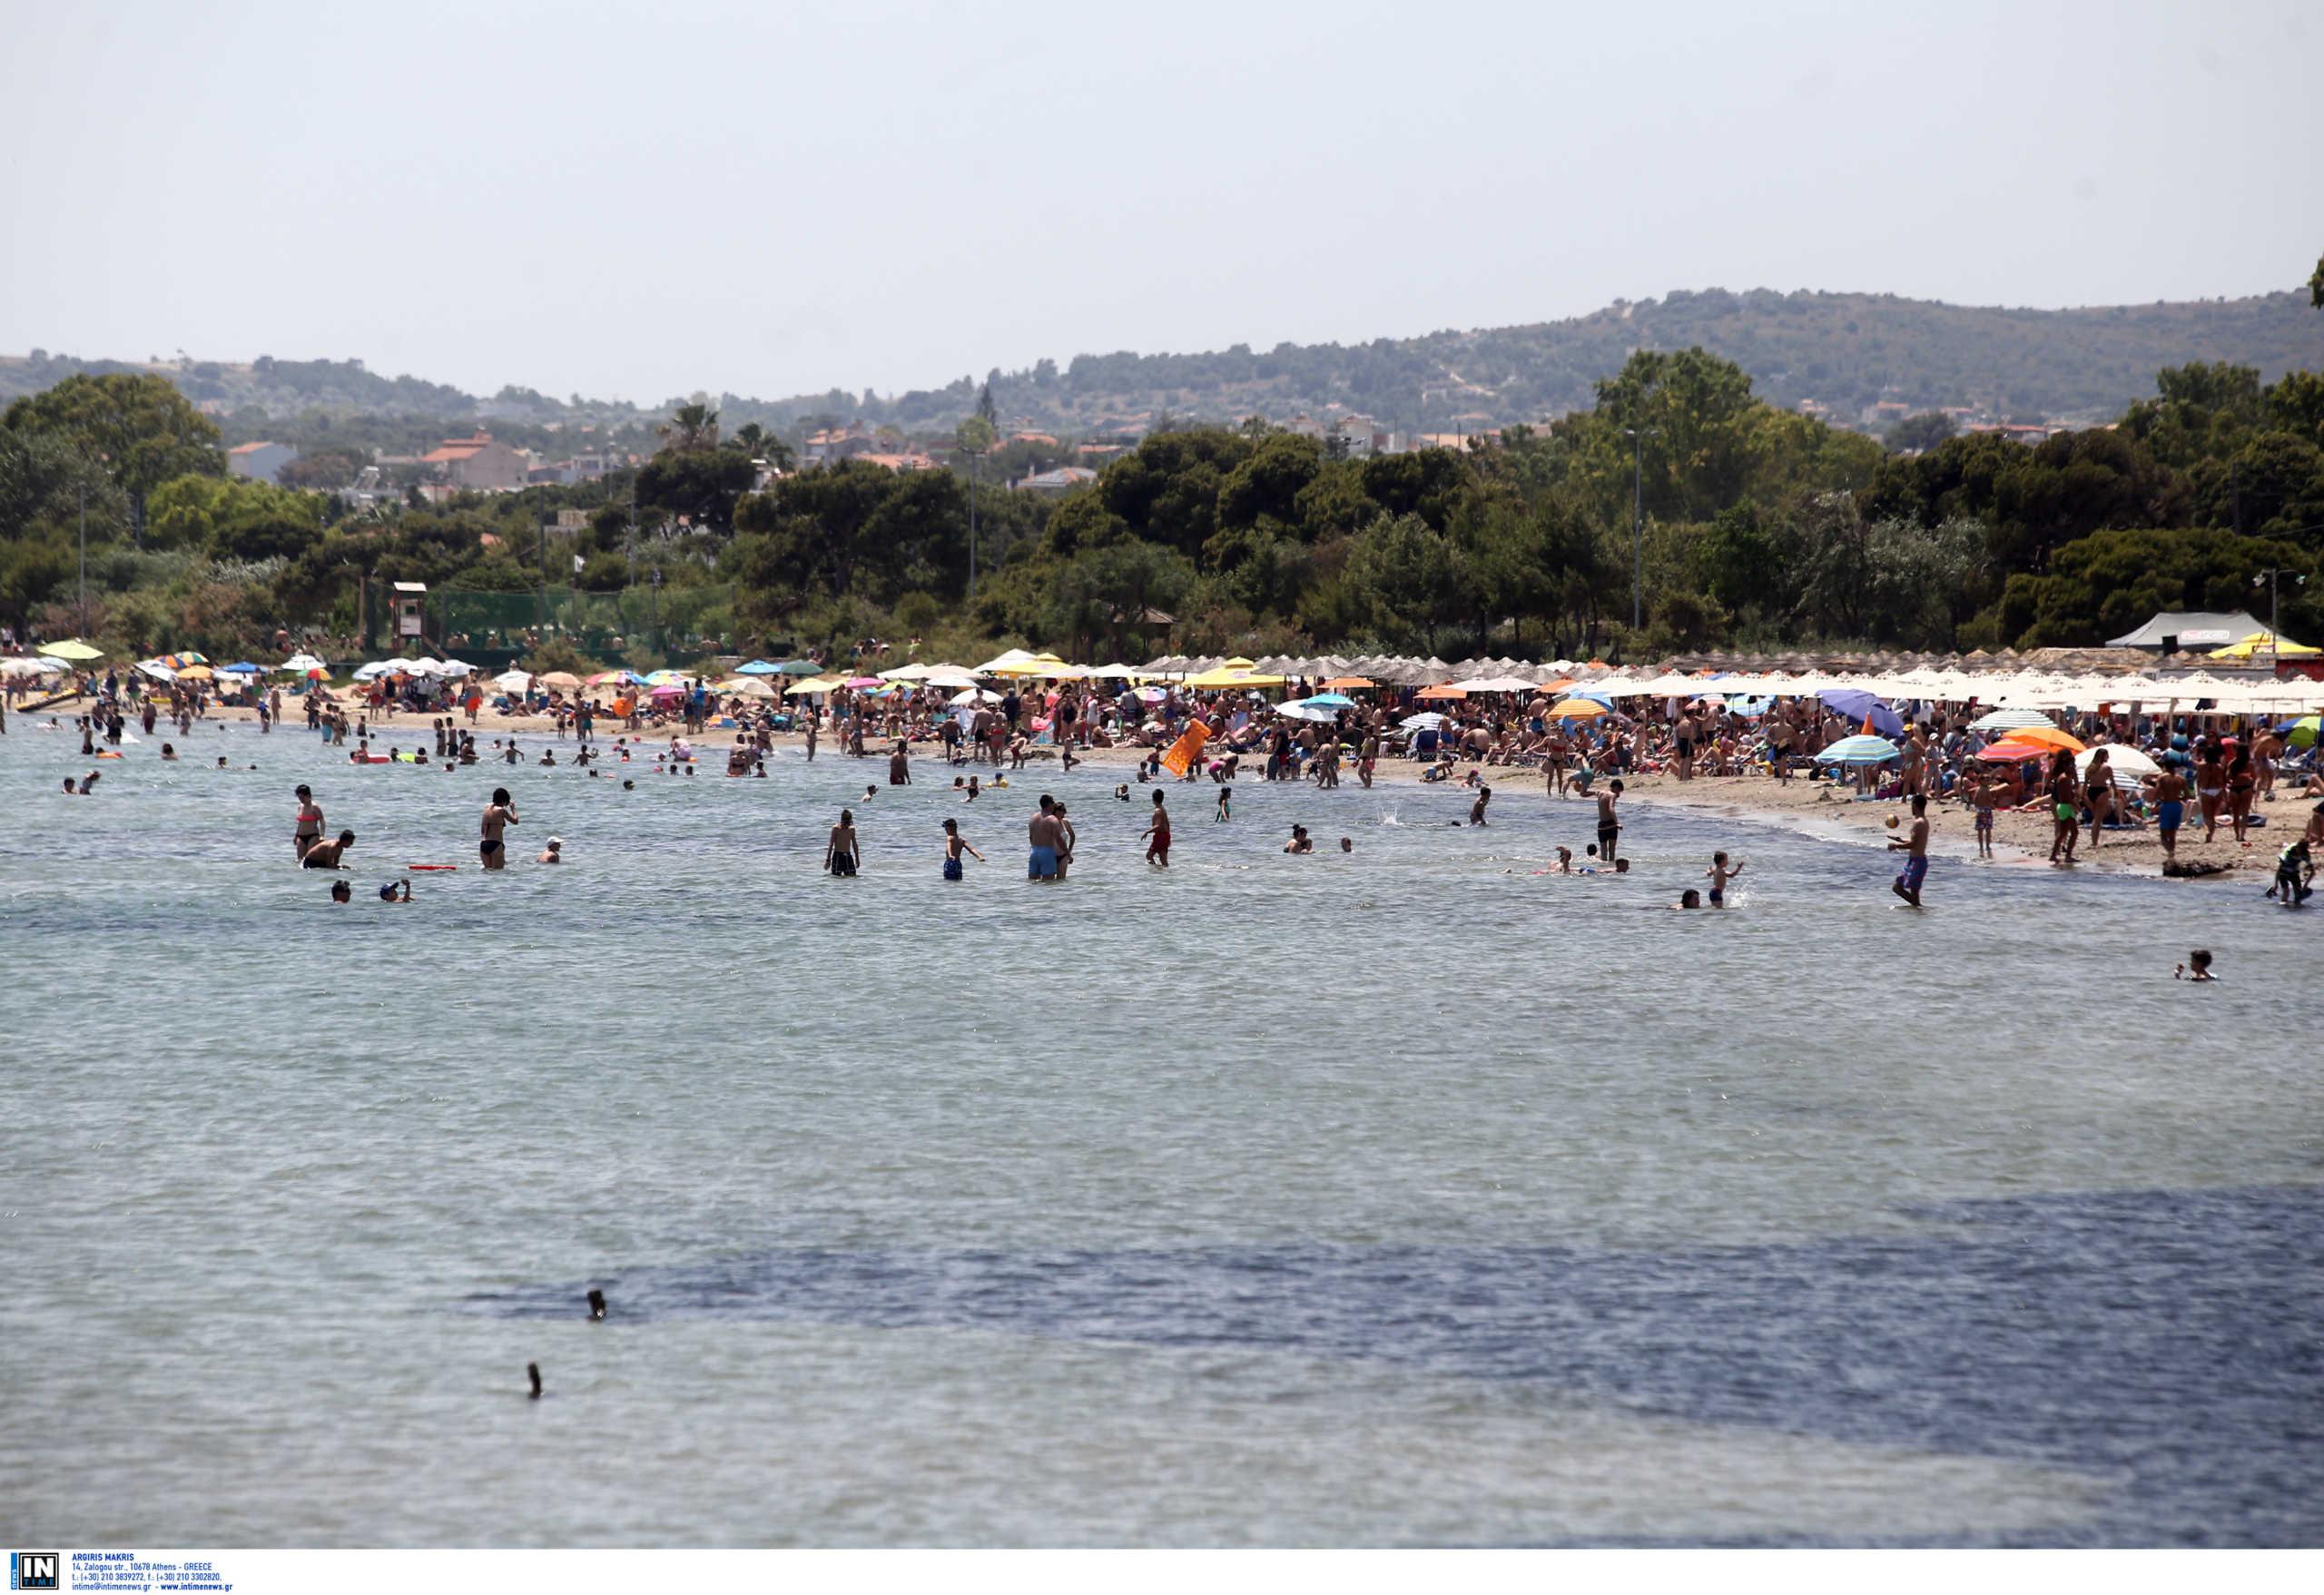 Θάλασσα… από μακριά – Απαγορεύονται κολύμβηση και ψάρεμα λόγω κορονοϊού